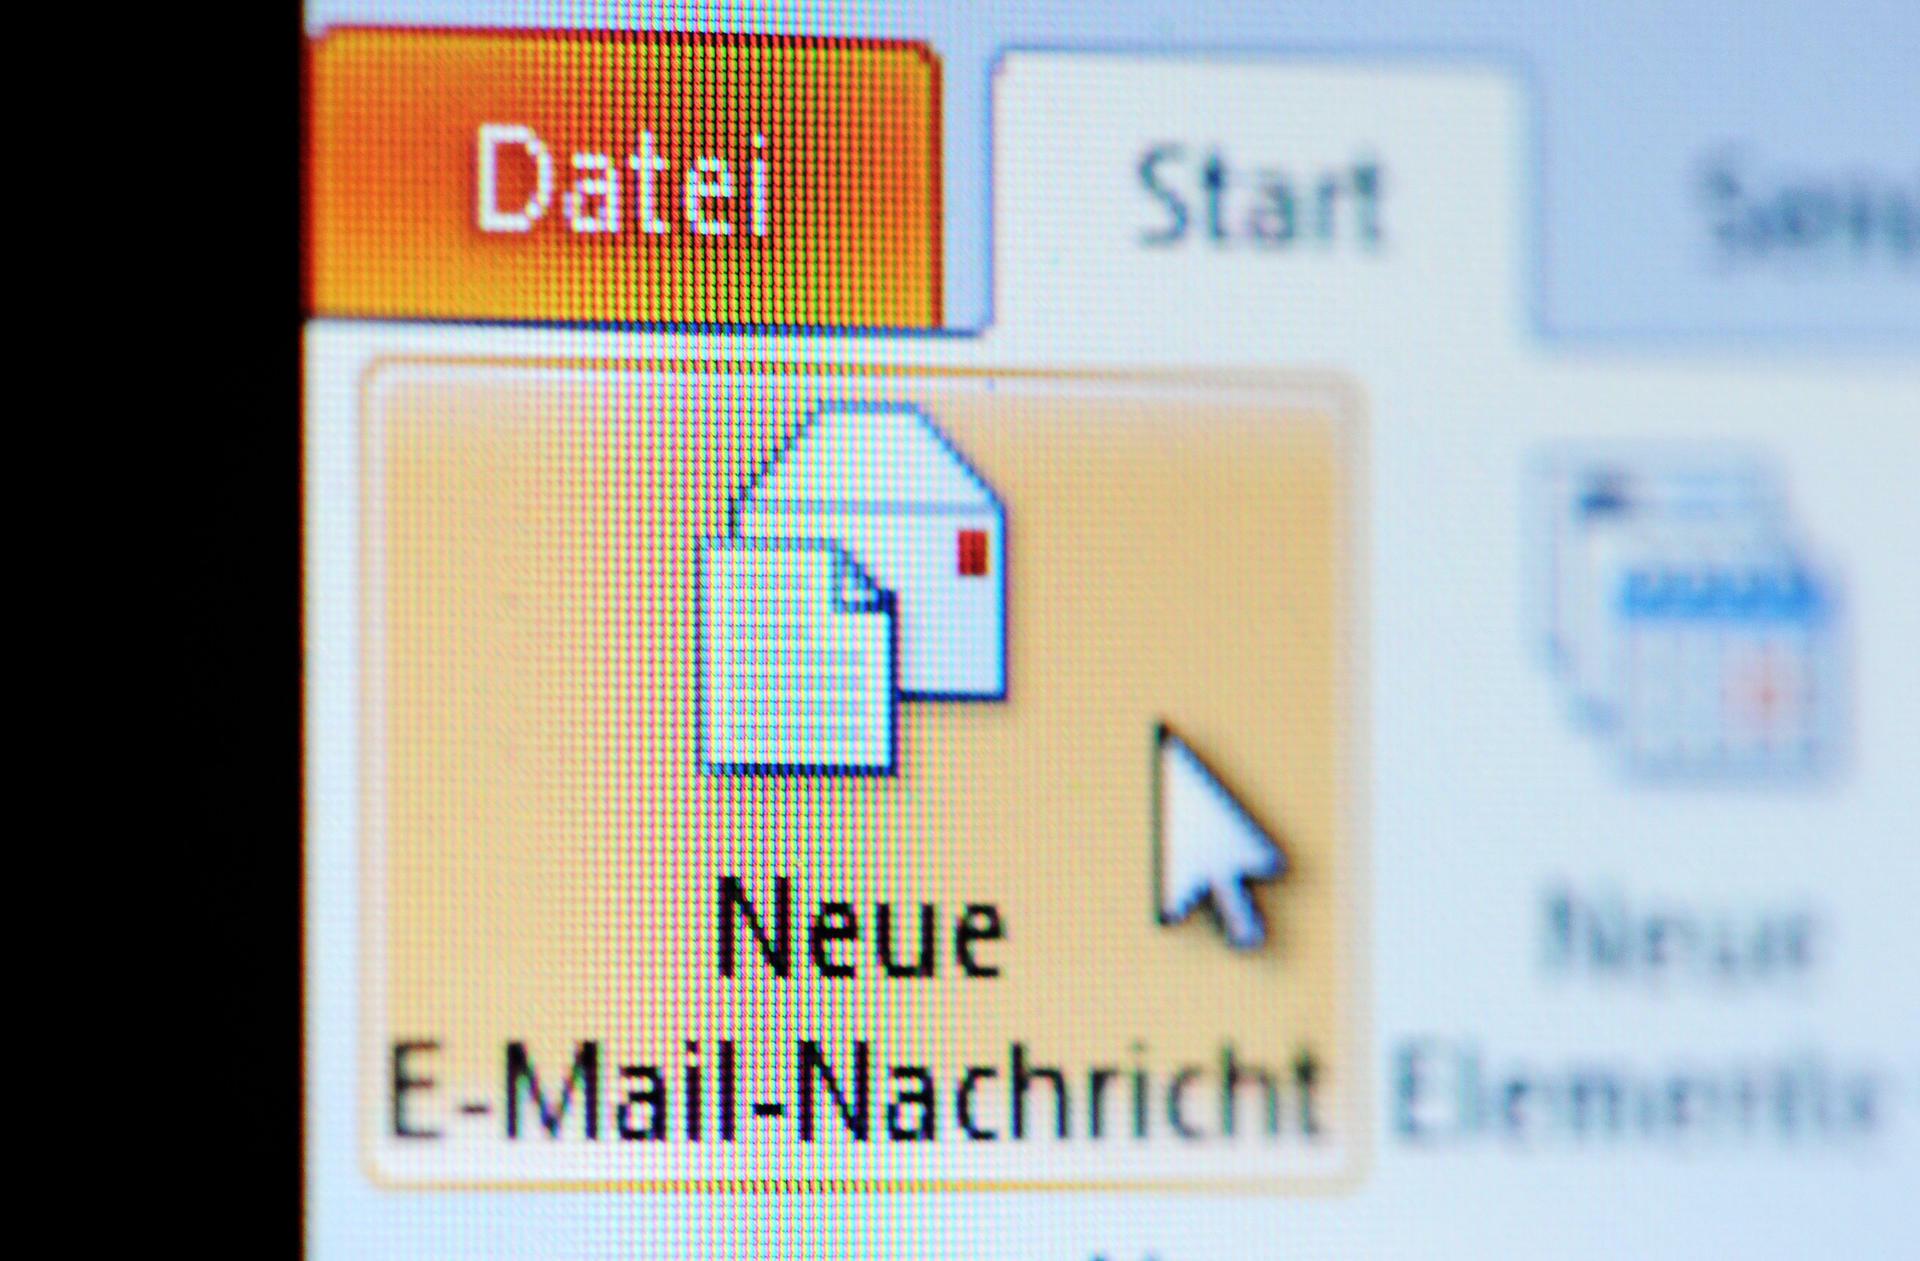 Wenn ein Fake-CEO schreibt: FBI warnt vor Firmenabzocke per E-Mail